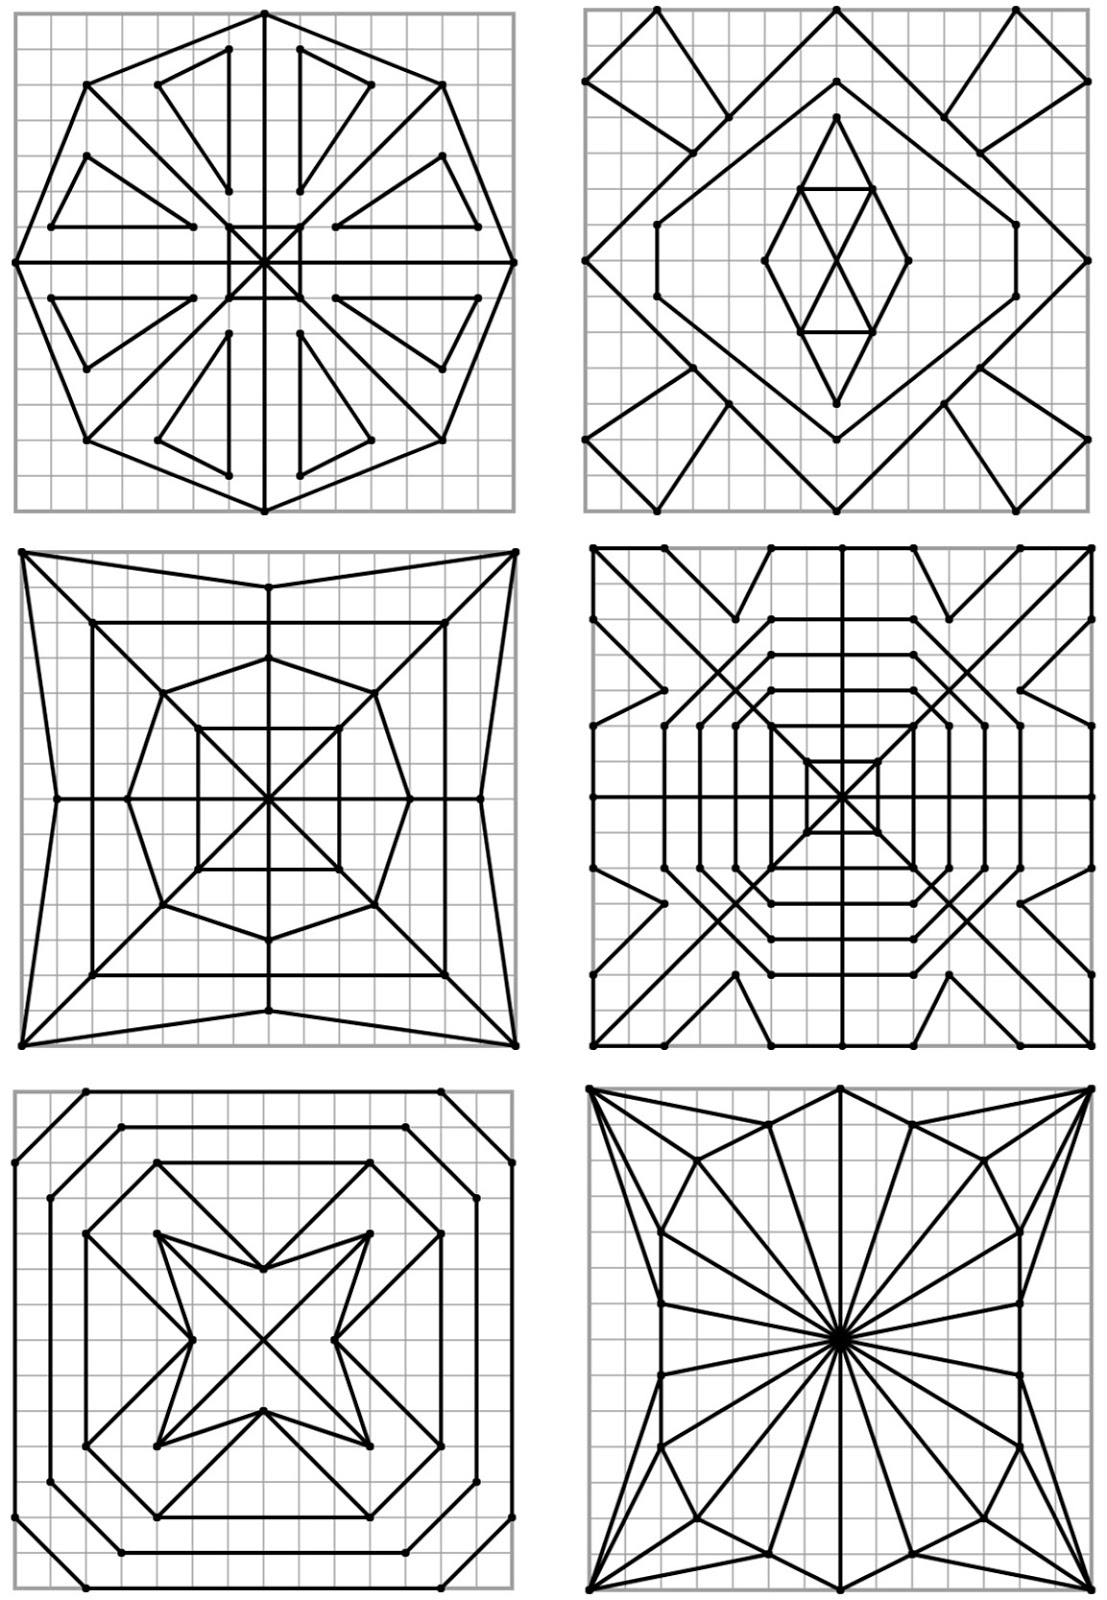 Remue Méninge: Reproduction De Figures Géométriques pour Reproduire Une Figure